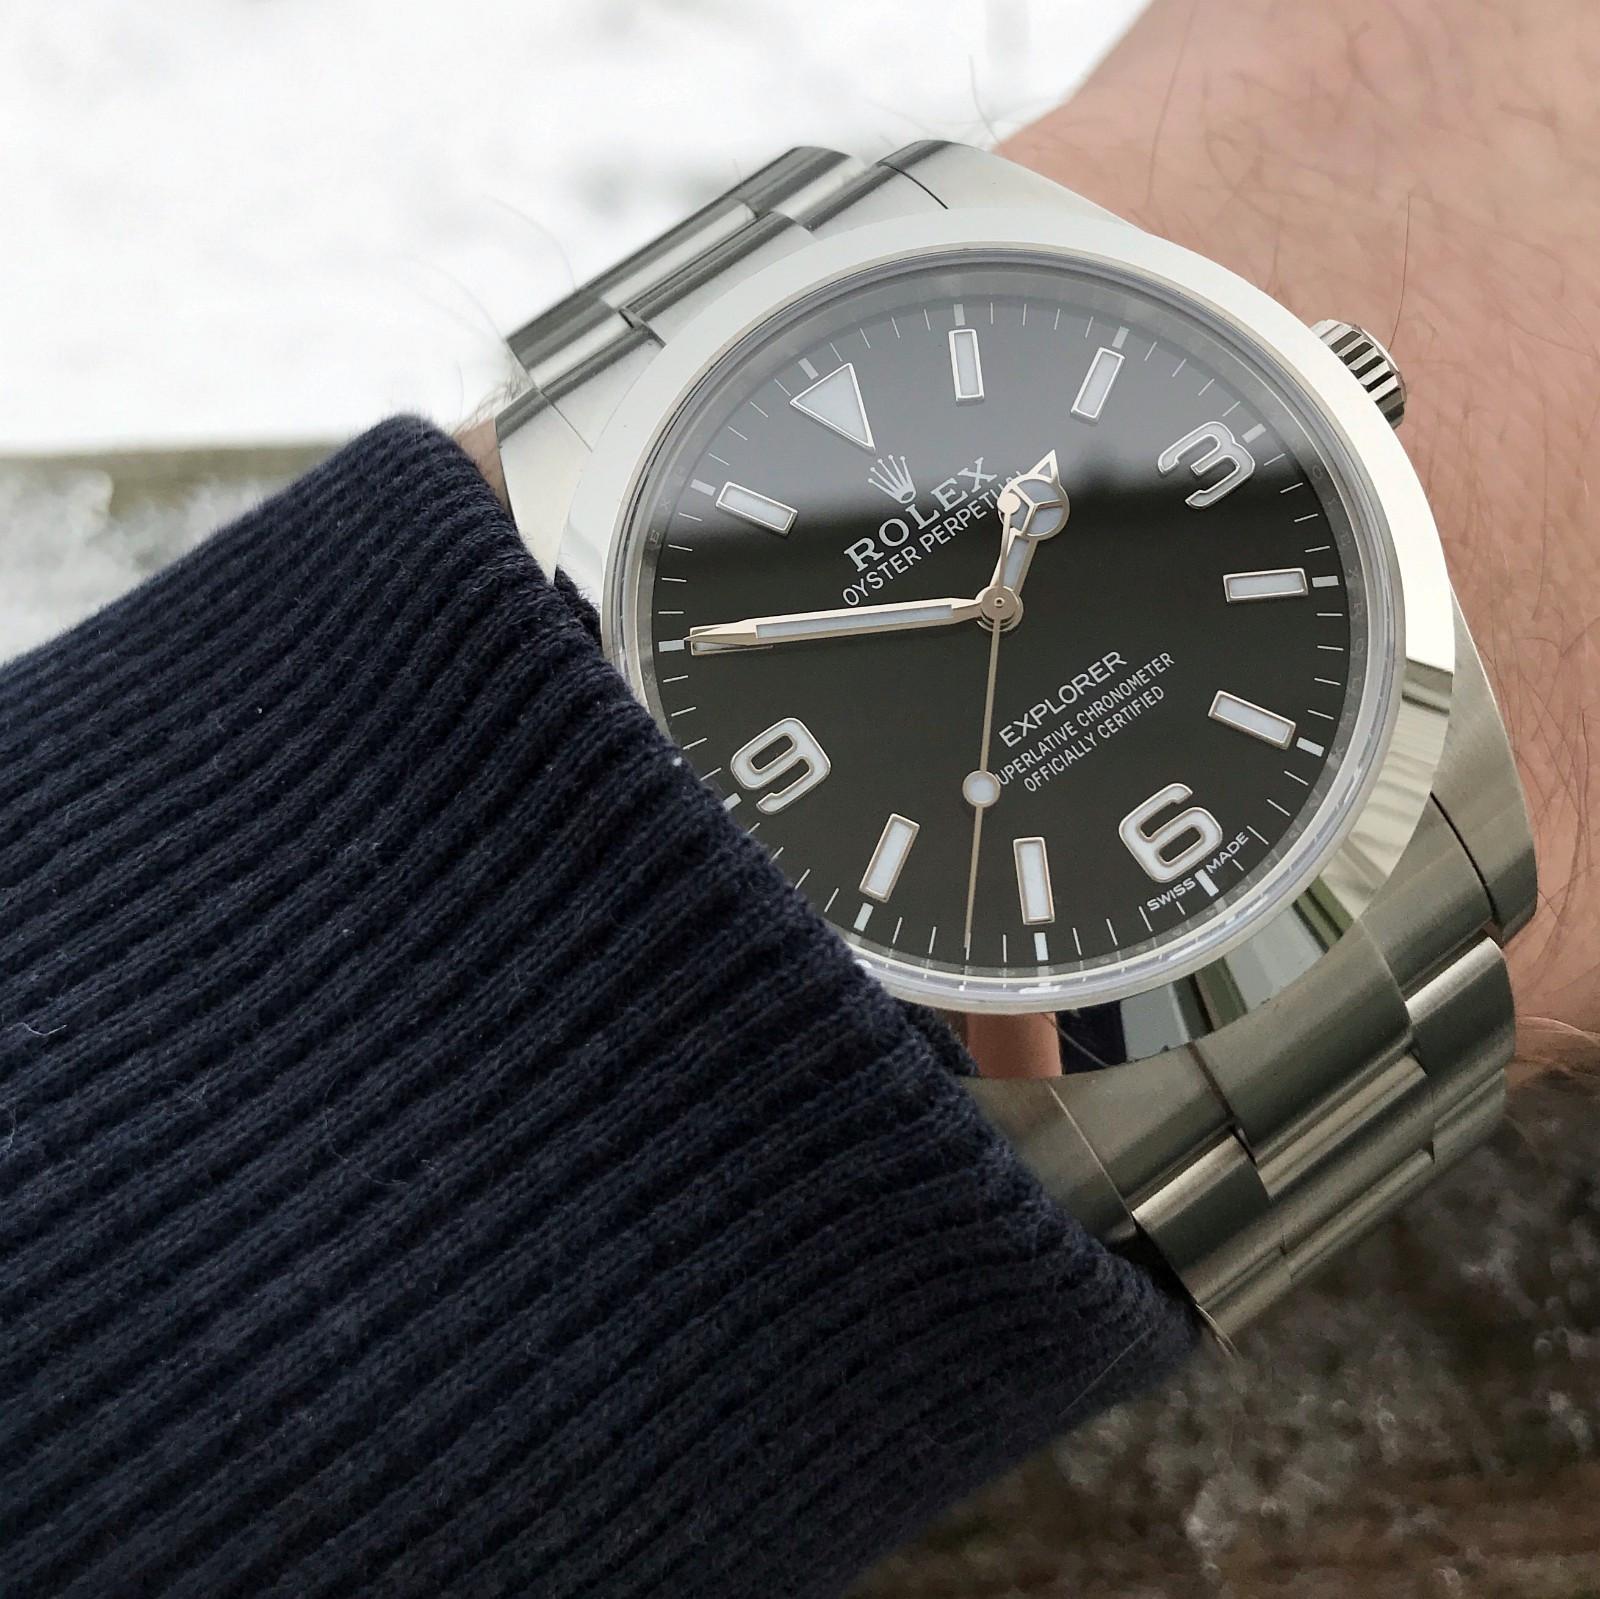 """Rolex Explorer 214270 - Laksevåg  - Explorer kjøpt på Bjerke i Bergen i april 2017. Dette er den """"nye"""" versjonen som ble introdusert på Basel i 2016, med litt lengre visere og lume i 3-6-9. Akkurat passe størrelse, og såpass diskret at den kan brukes til hva som helst"""